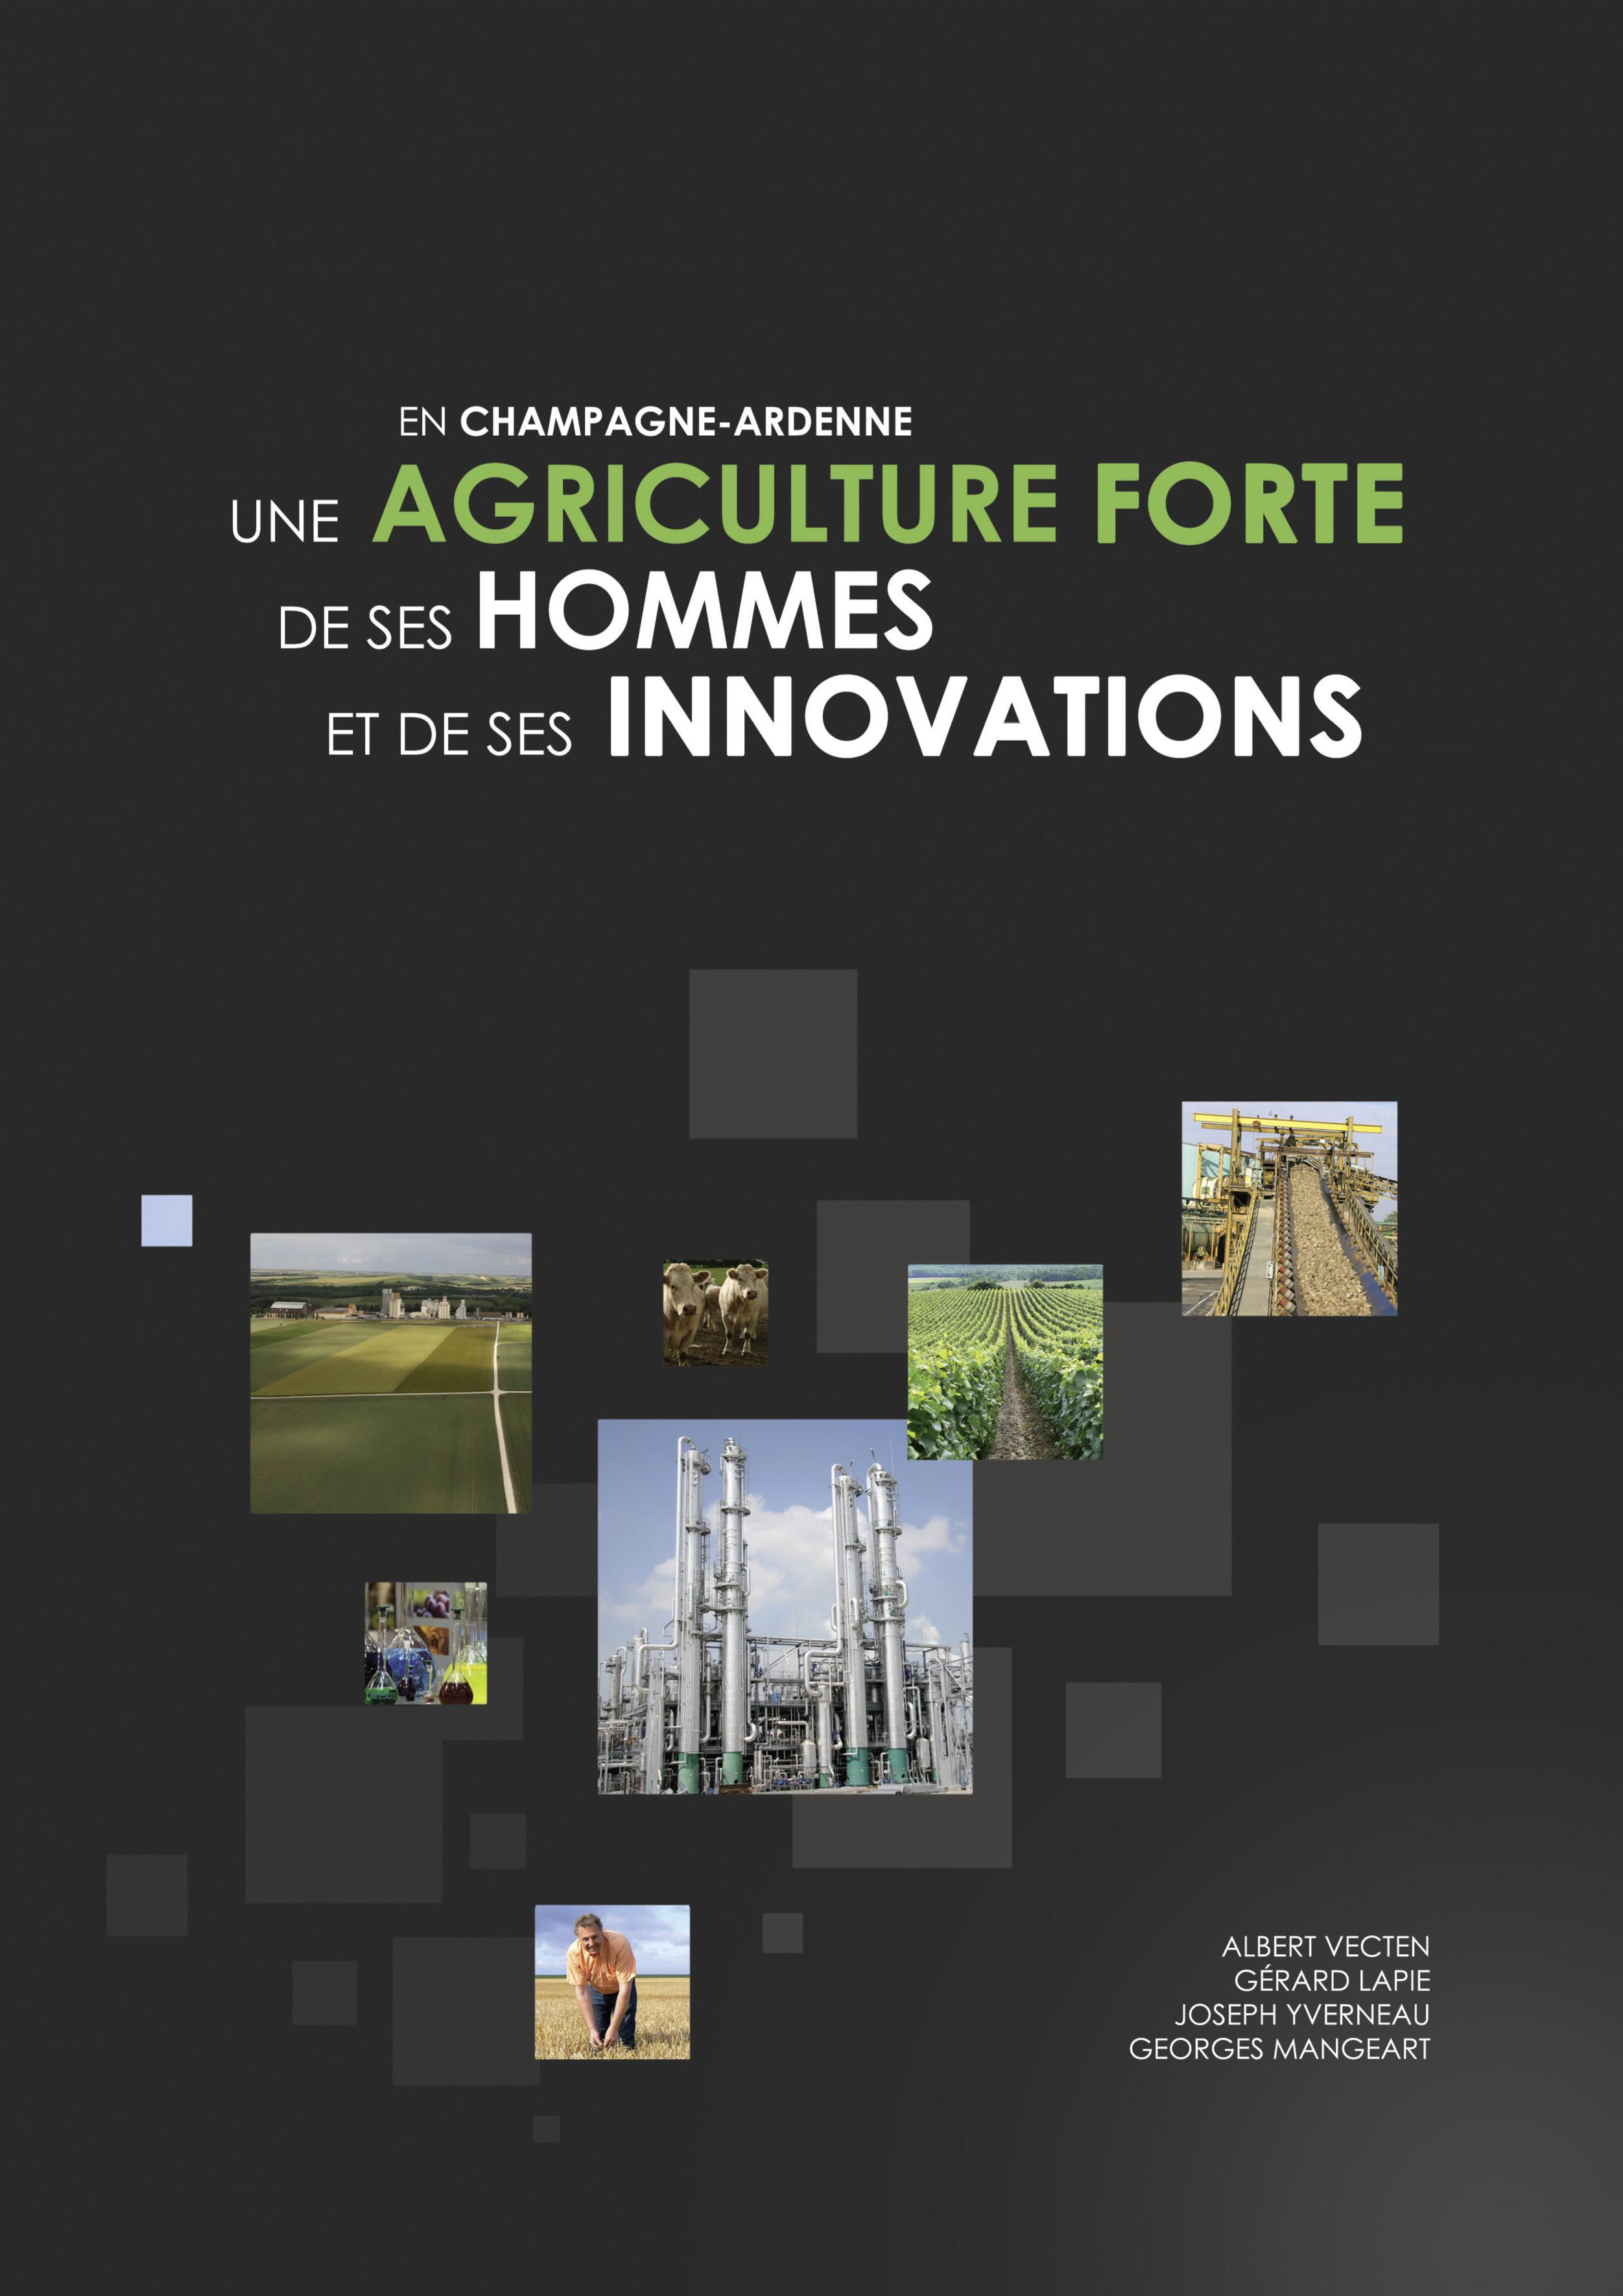 Une Agriculture Forte de ses hommes et de ses innovations